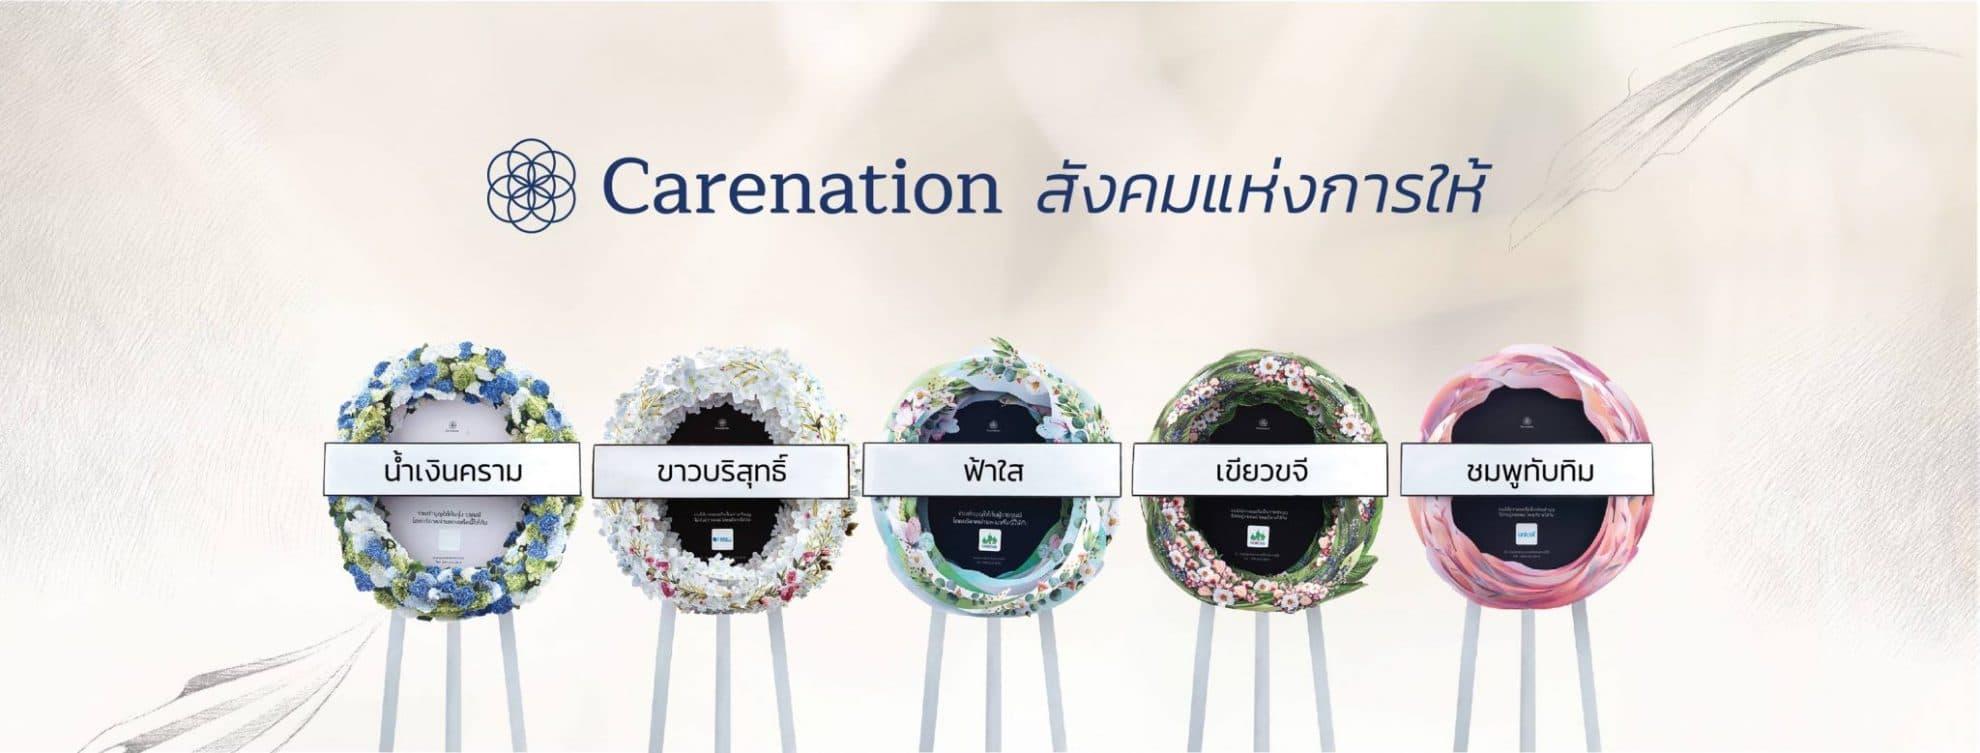 'Carenation' พวงหรีดกระดาษ บริจาคเพื่อสังคม สร้างงานให้ชุมชน